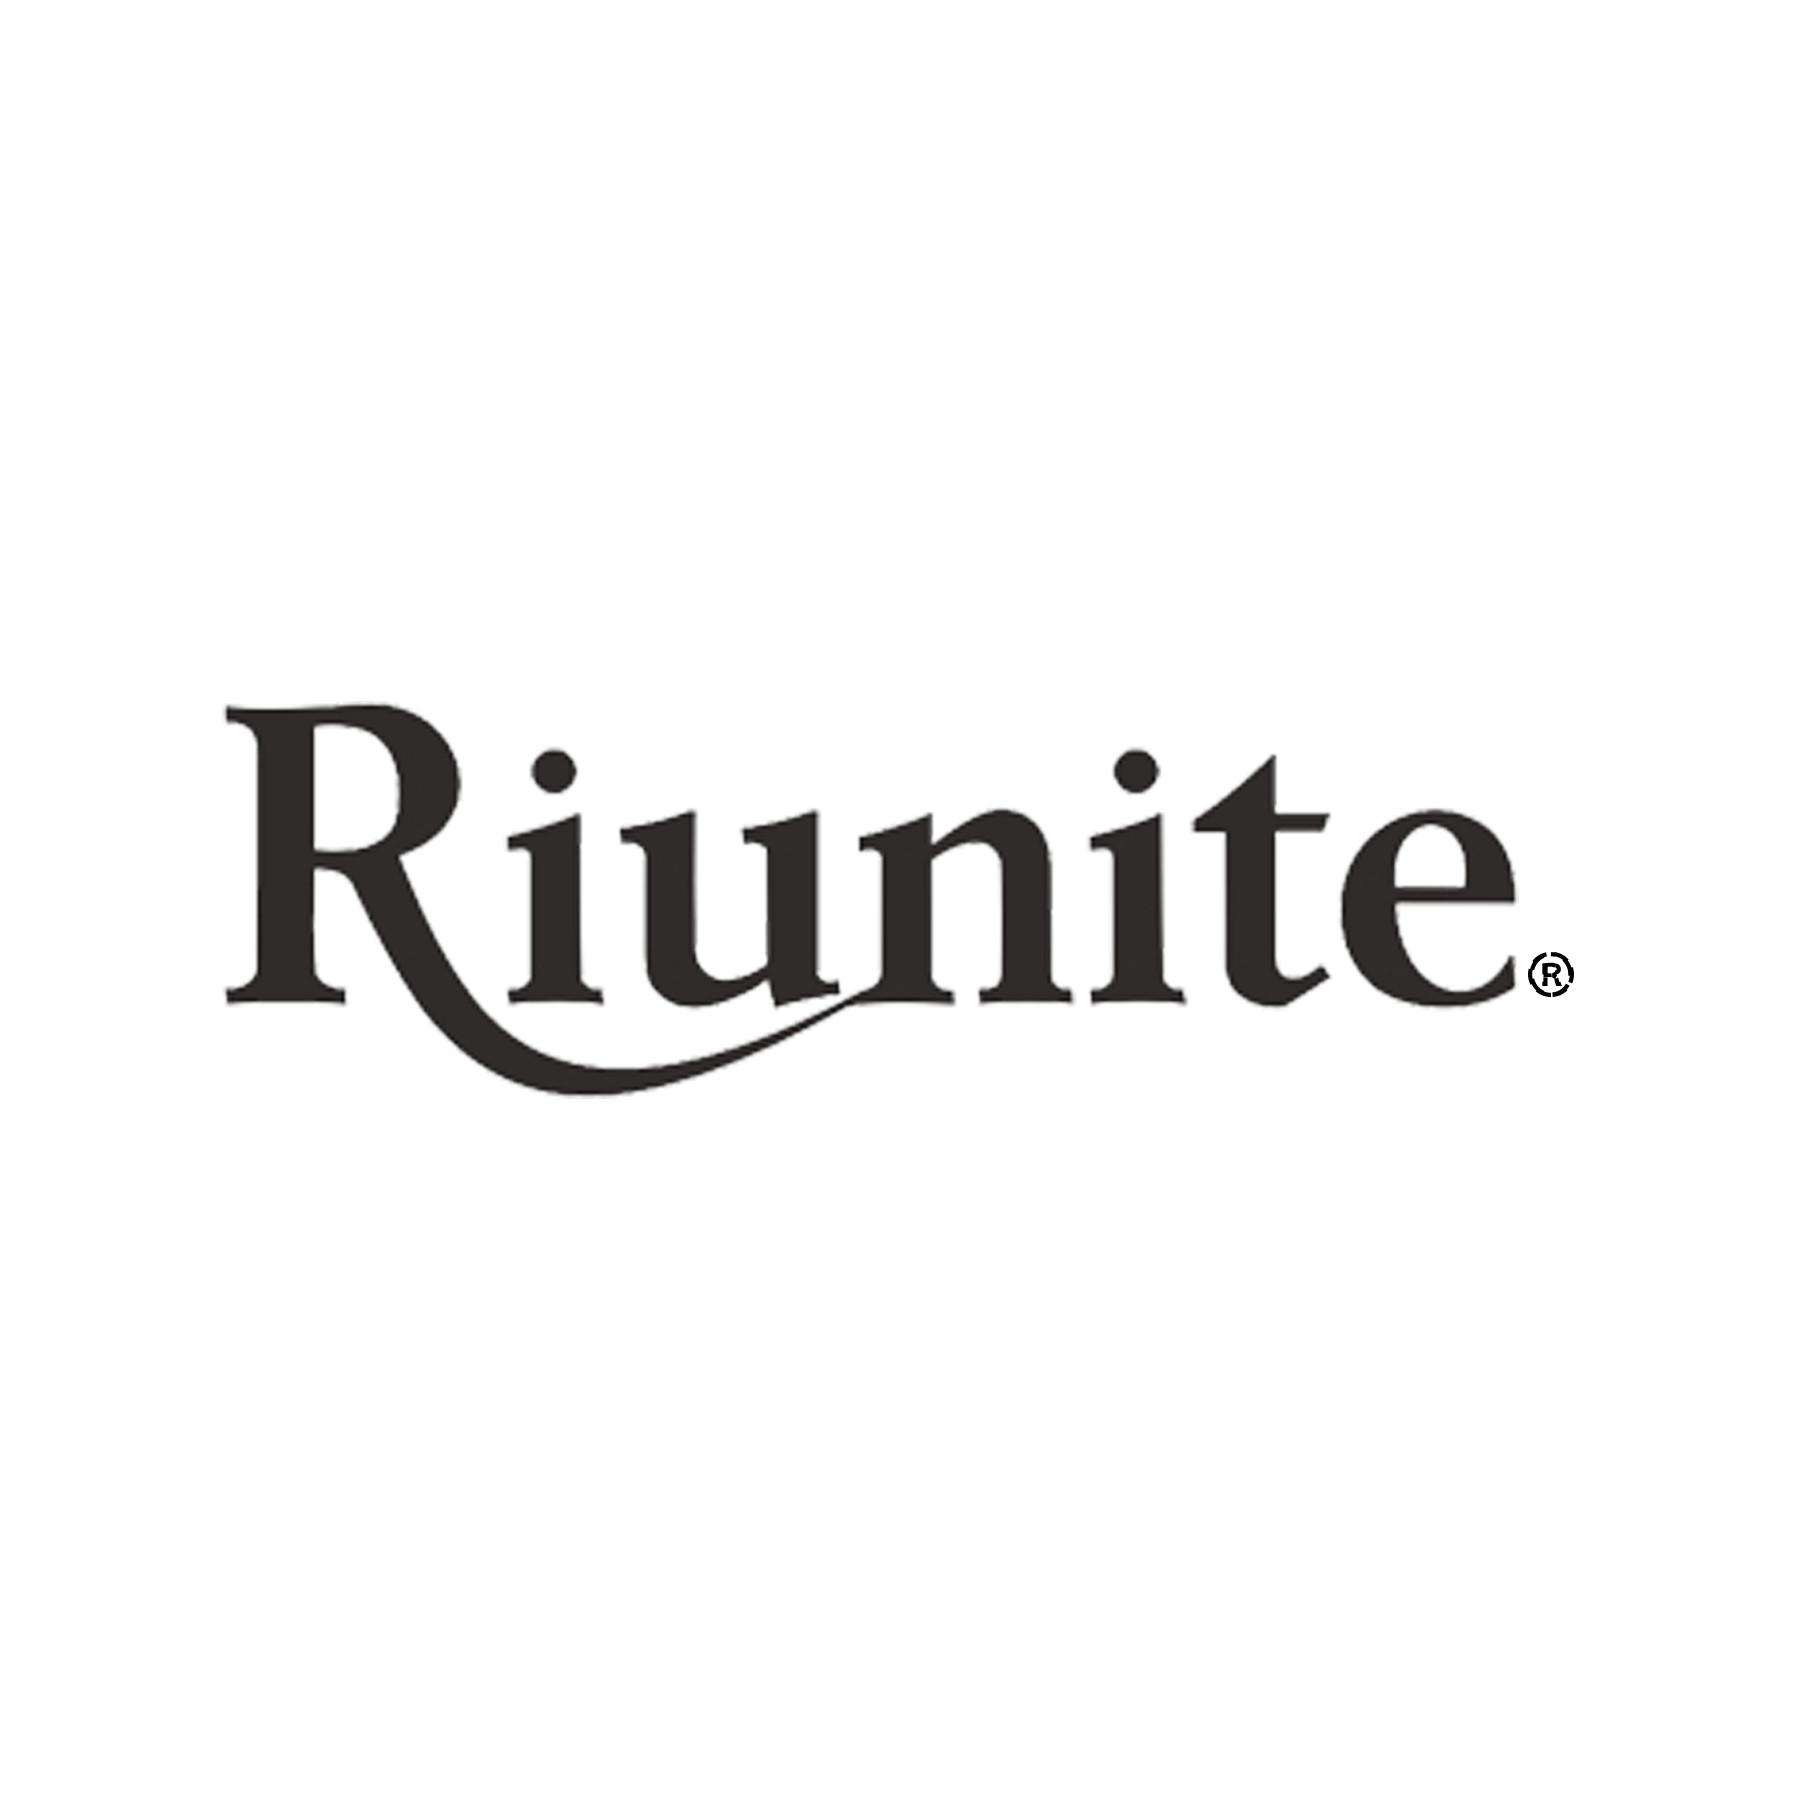 RIUNITE